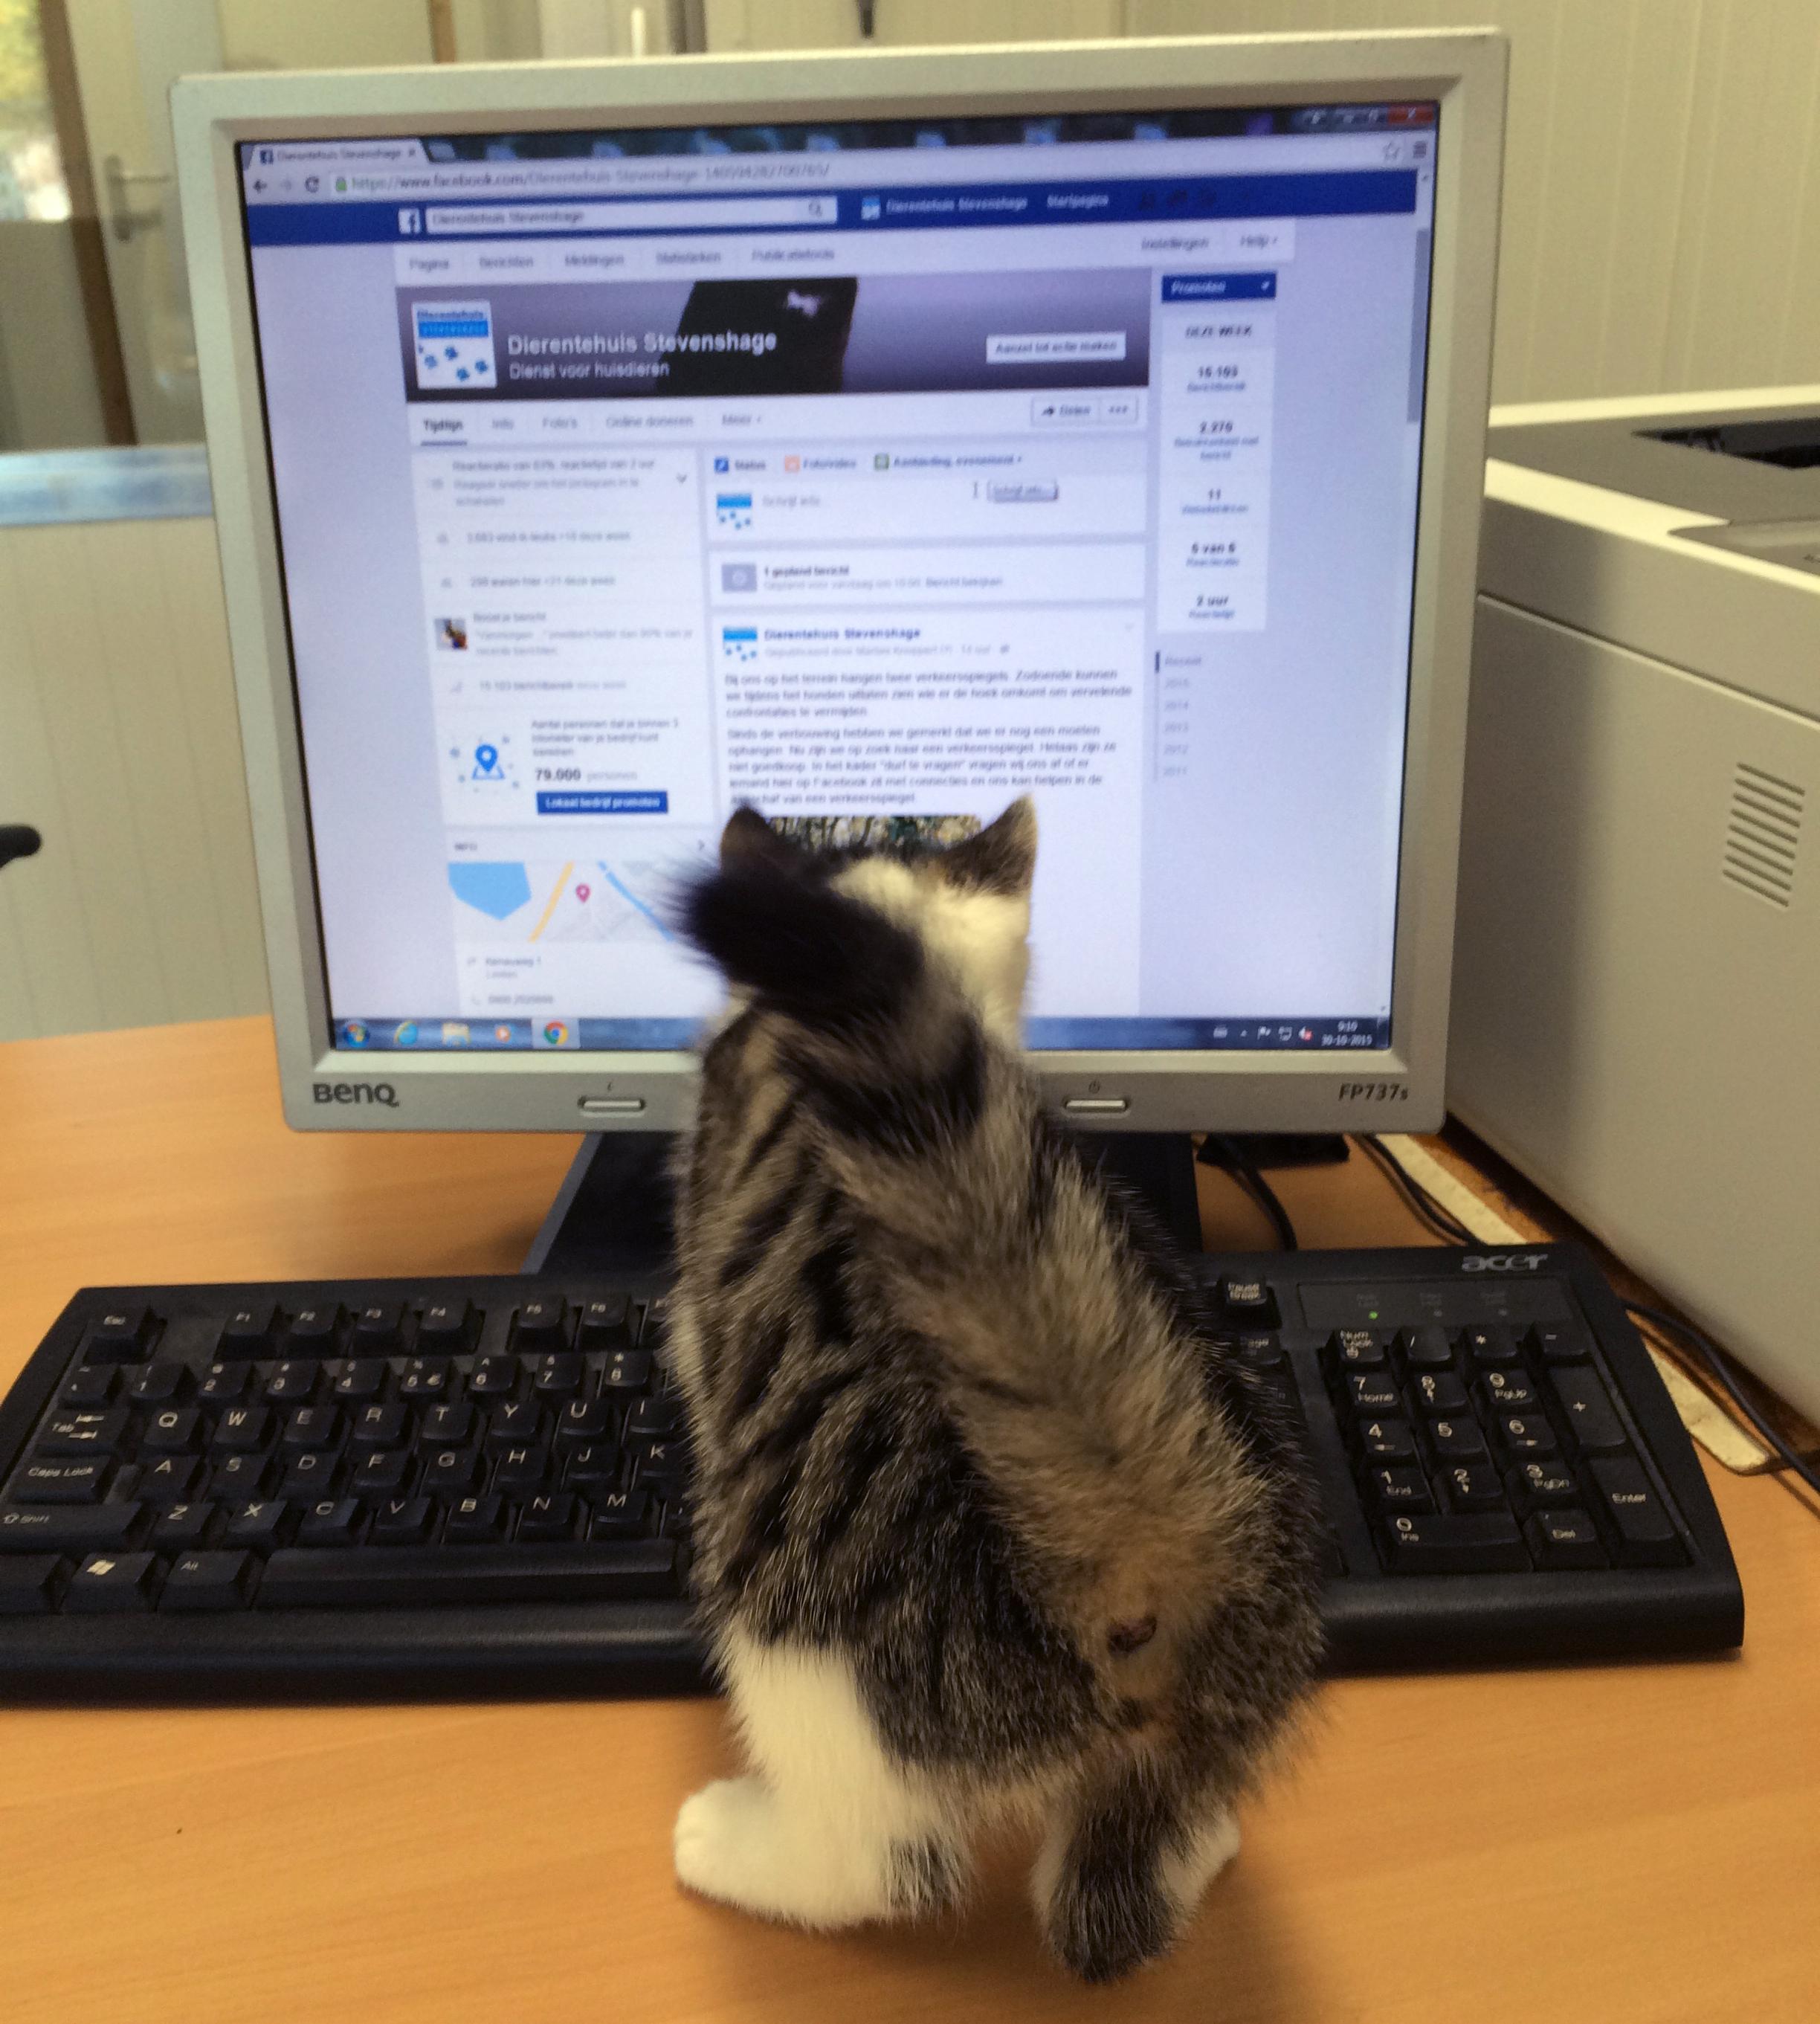 Ik help jullie wel even met Facebook. Hmm, wat gebeurt er als ik op het delete knopje druk...